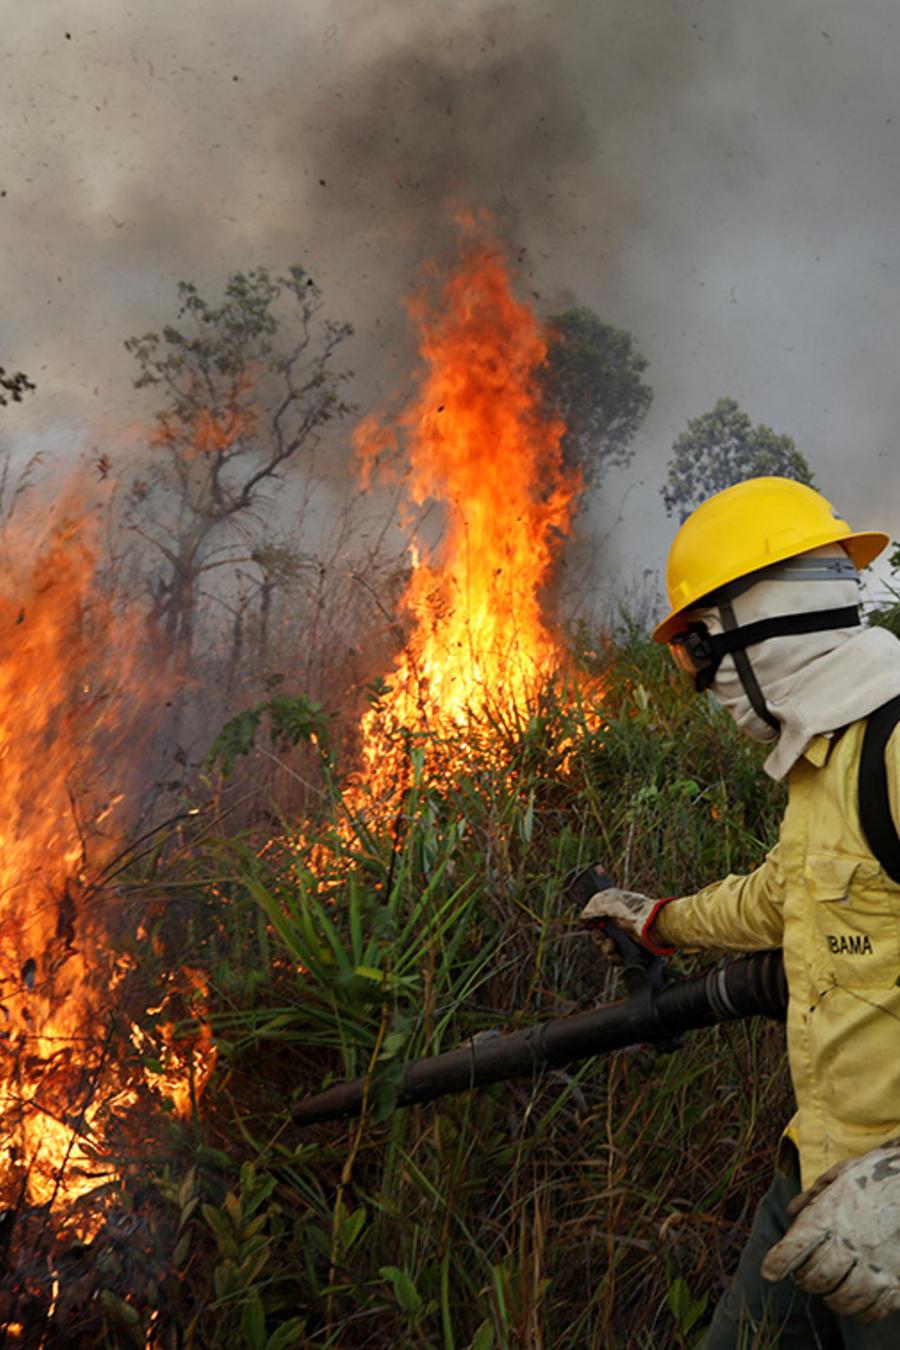 Un bombero intenta controlar las llamas durante los incendios que afectaron el Amazonas, en una imagen de archivo de septiembre de 2019.